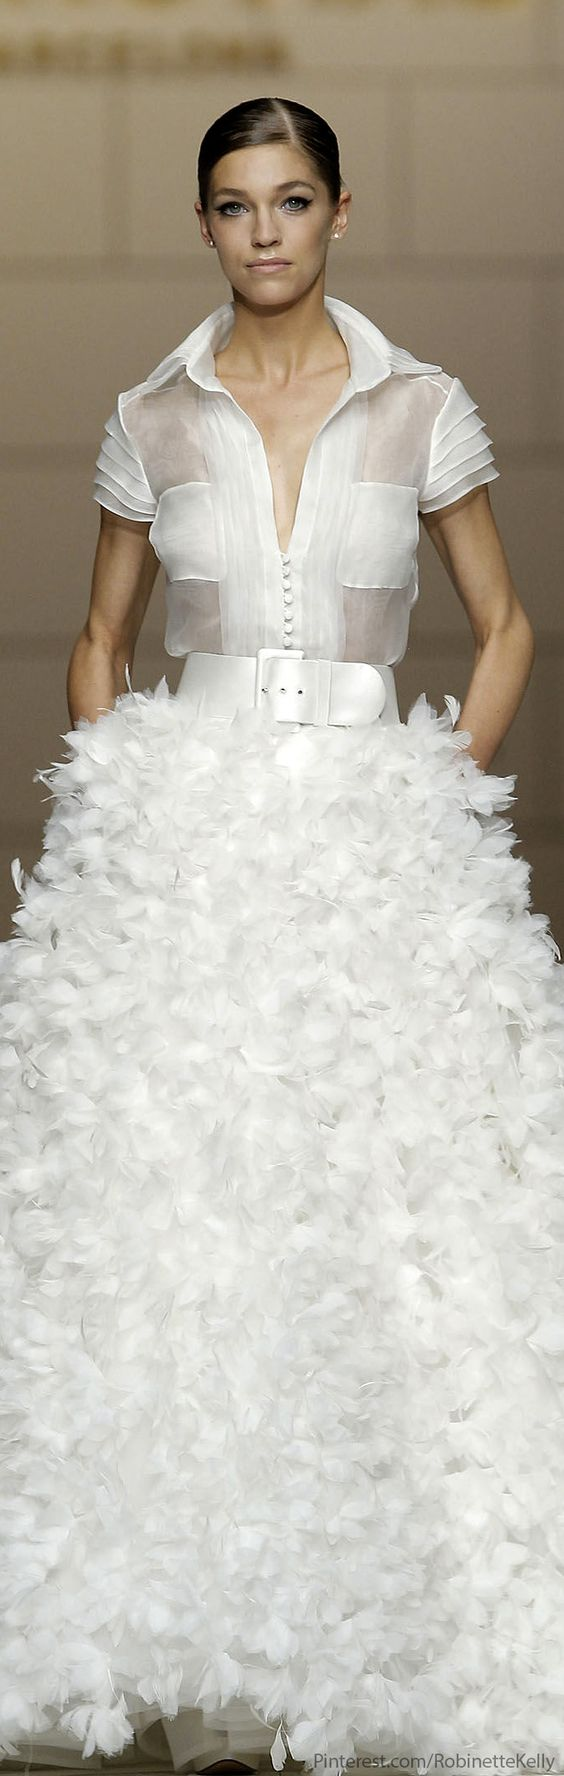 Pronovias Bridal 2015- la combinación de falda y blusa me gusta, pero tienes q lucirlo con un aire mucho más femenino q la modelo.